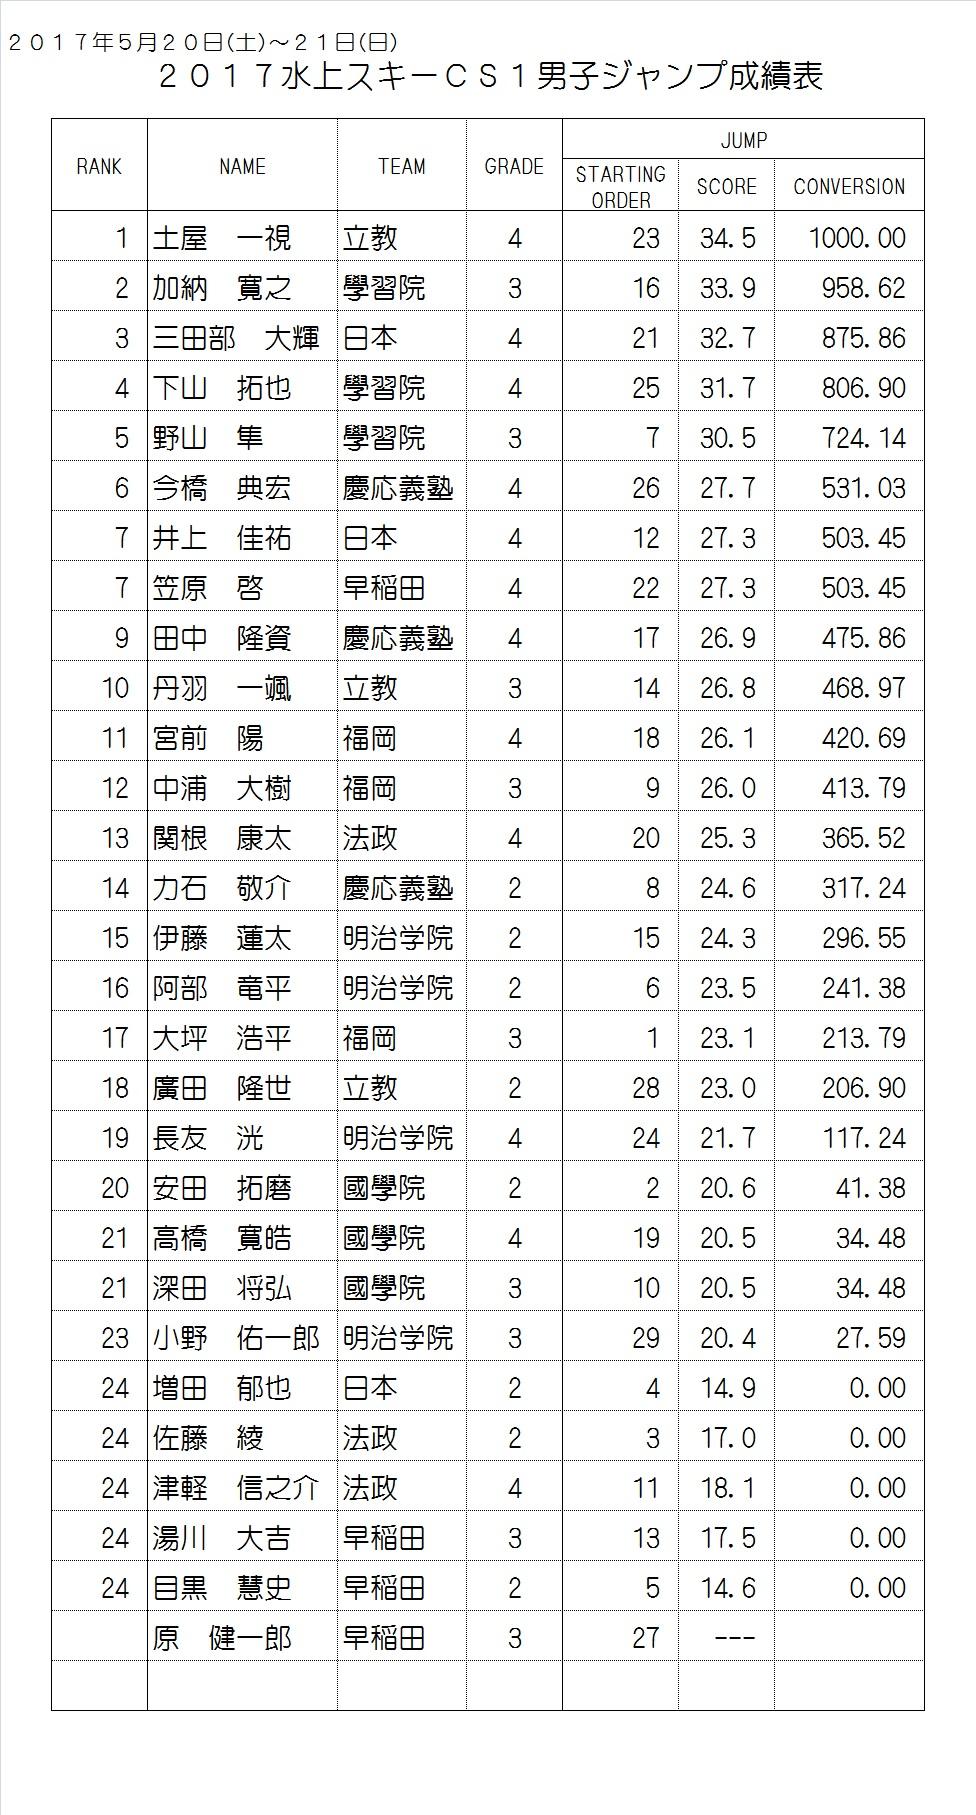 2017CS1 Men's Result Jump